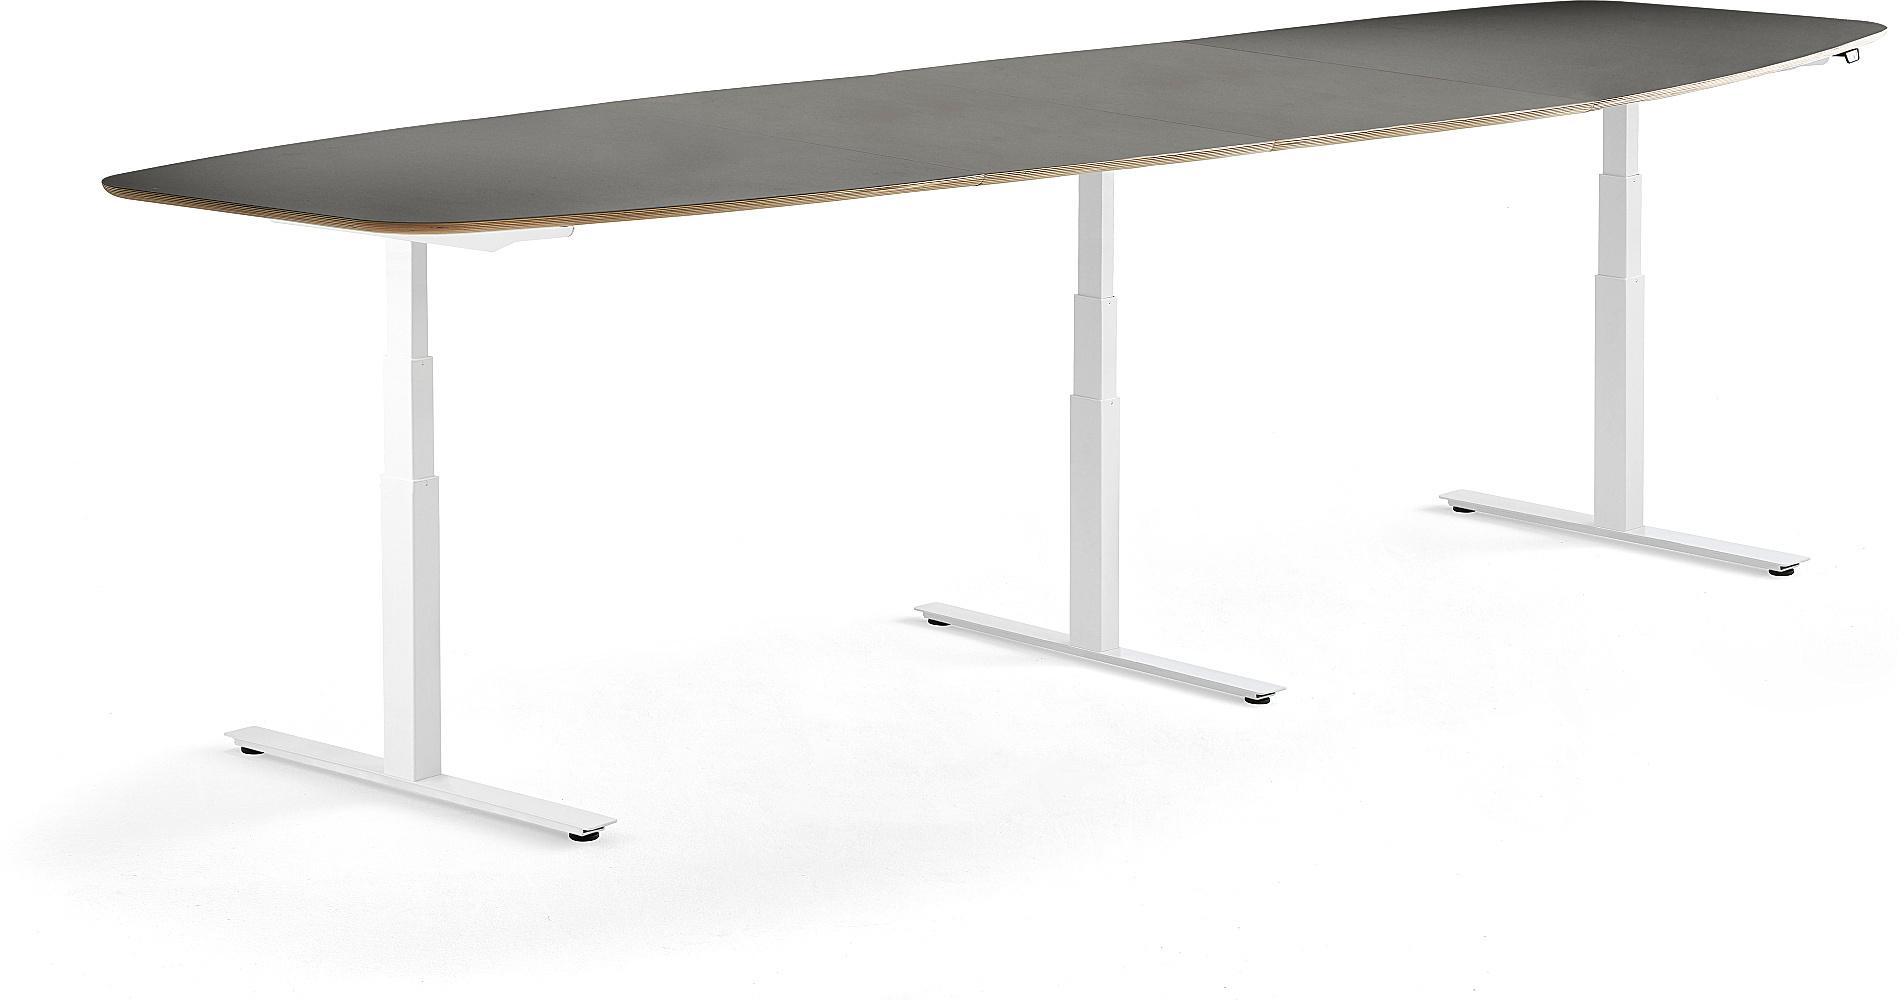 Výškovo nastaviteľný rokovací stôl Audrey, 4000 x 1200 mm, biela/tmavošedá